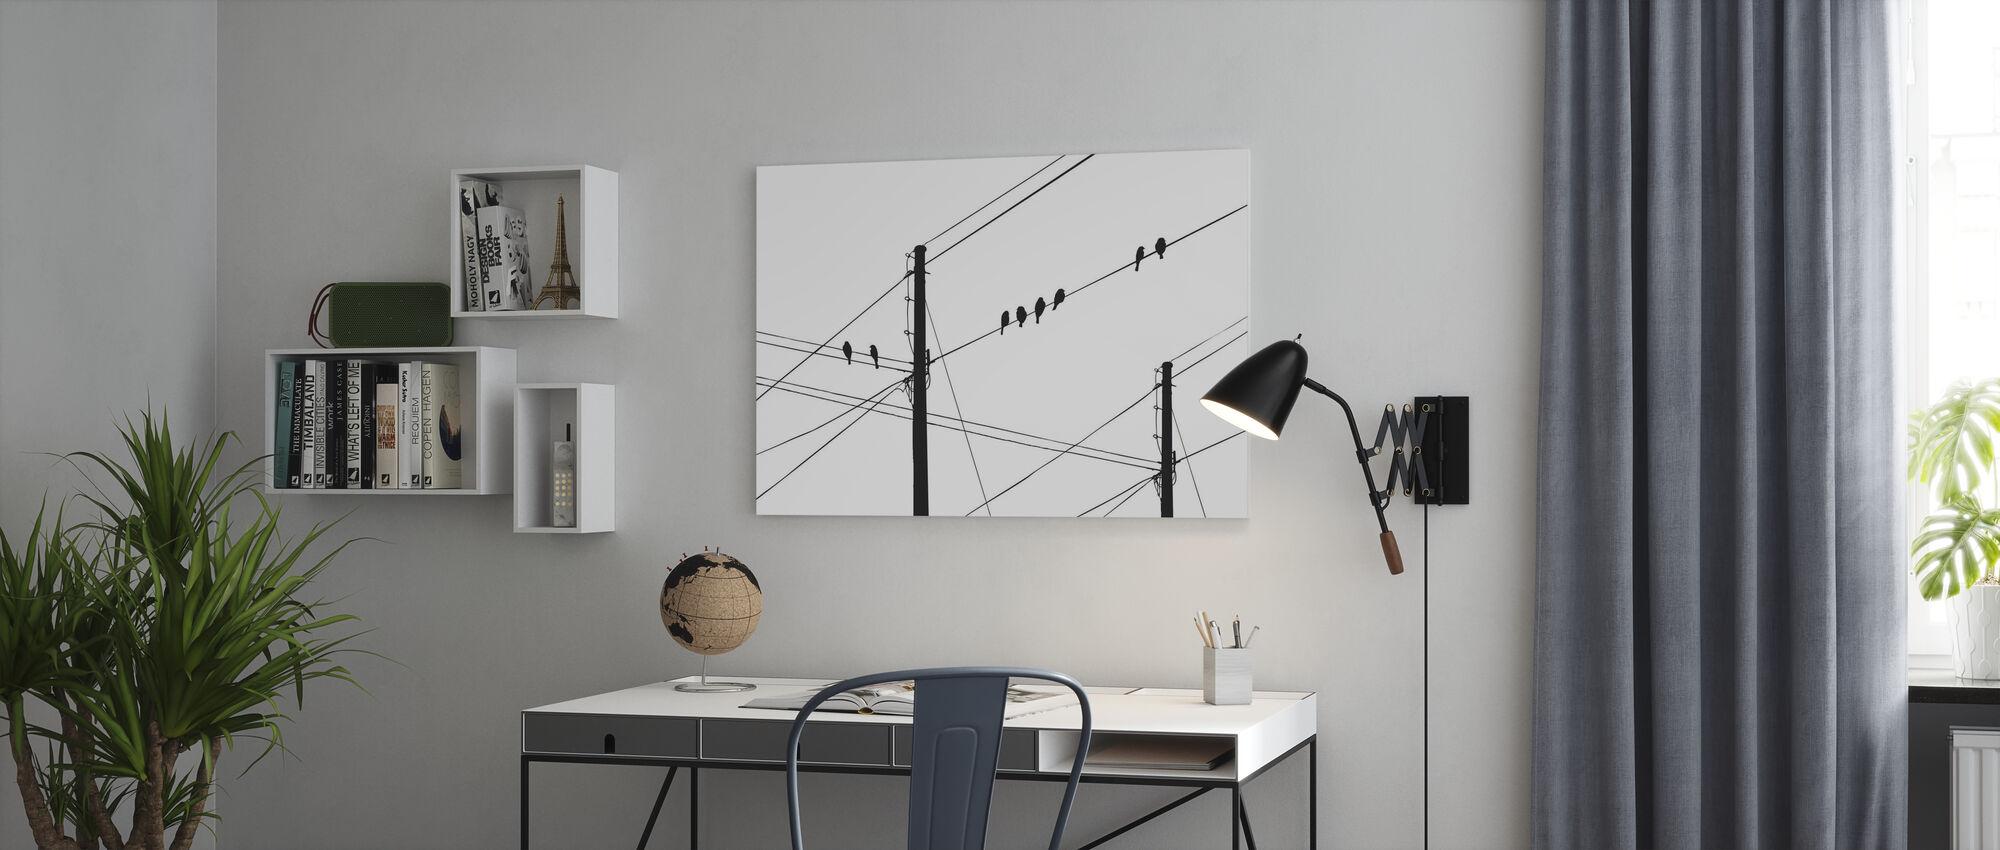 Powerlines - Svart - Lerretsbilde - Kontor